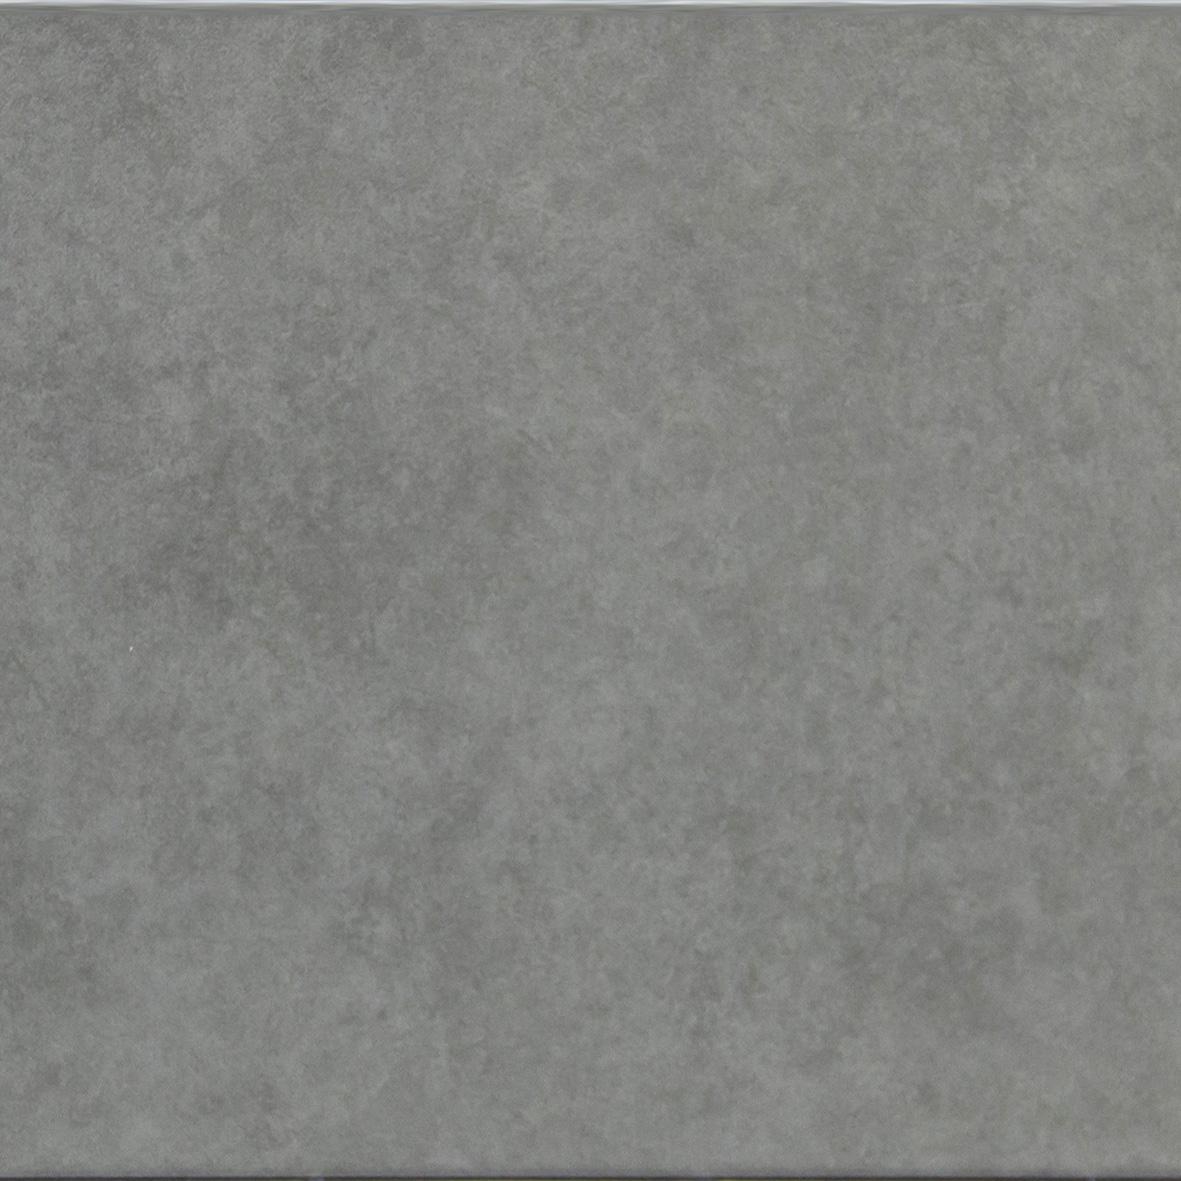 8633-03, Geo, Harmaa, lattia,liukastumisenesto,pakkasenkesto